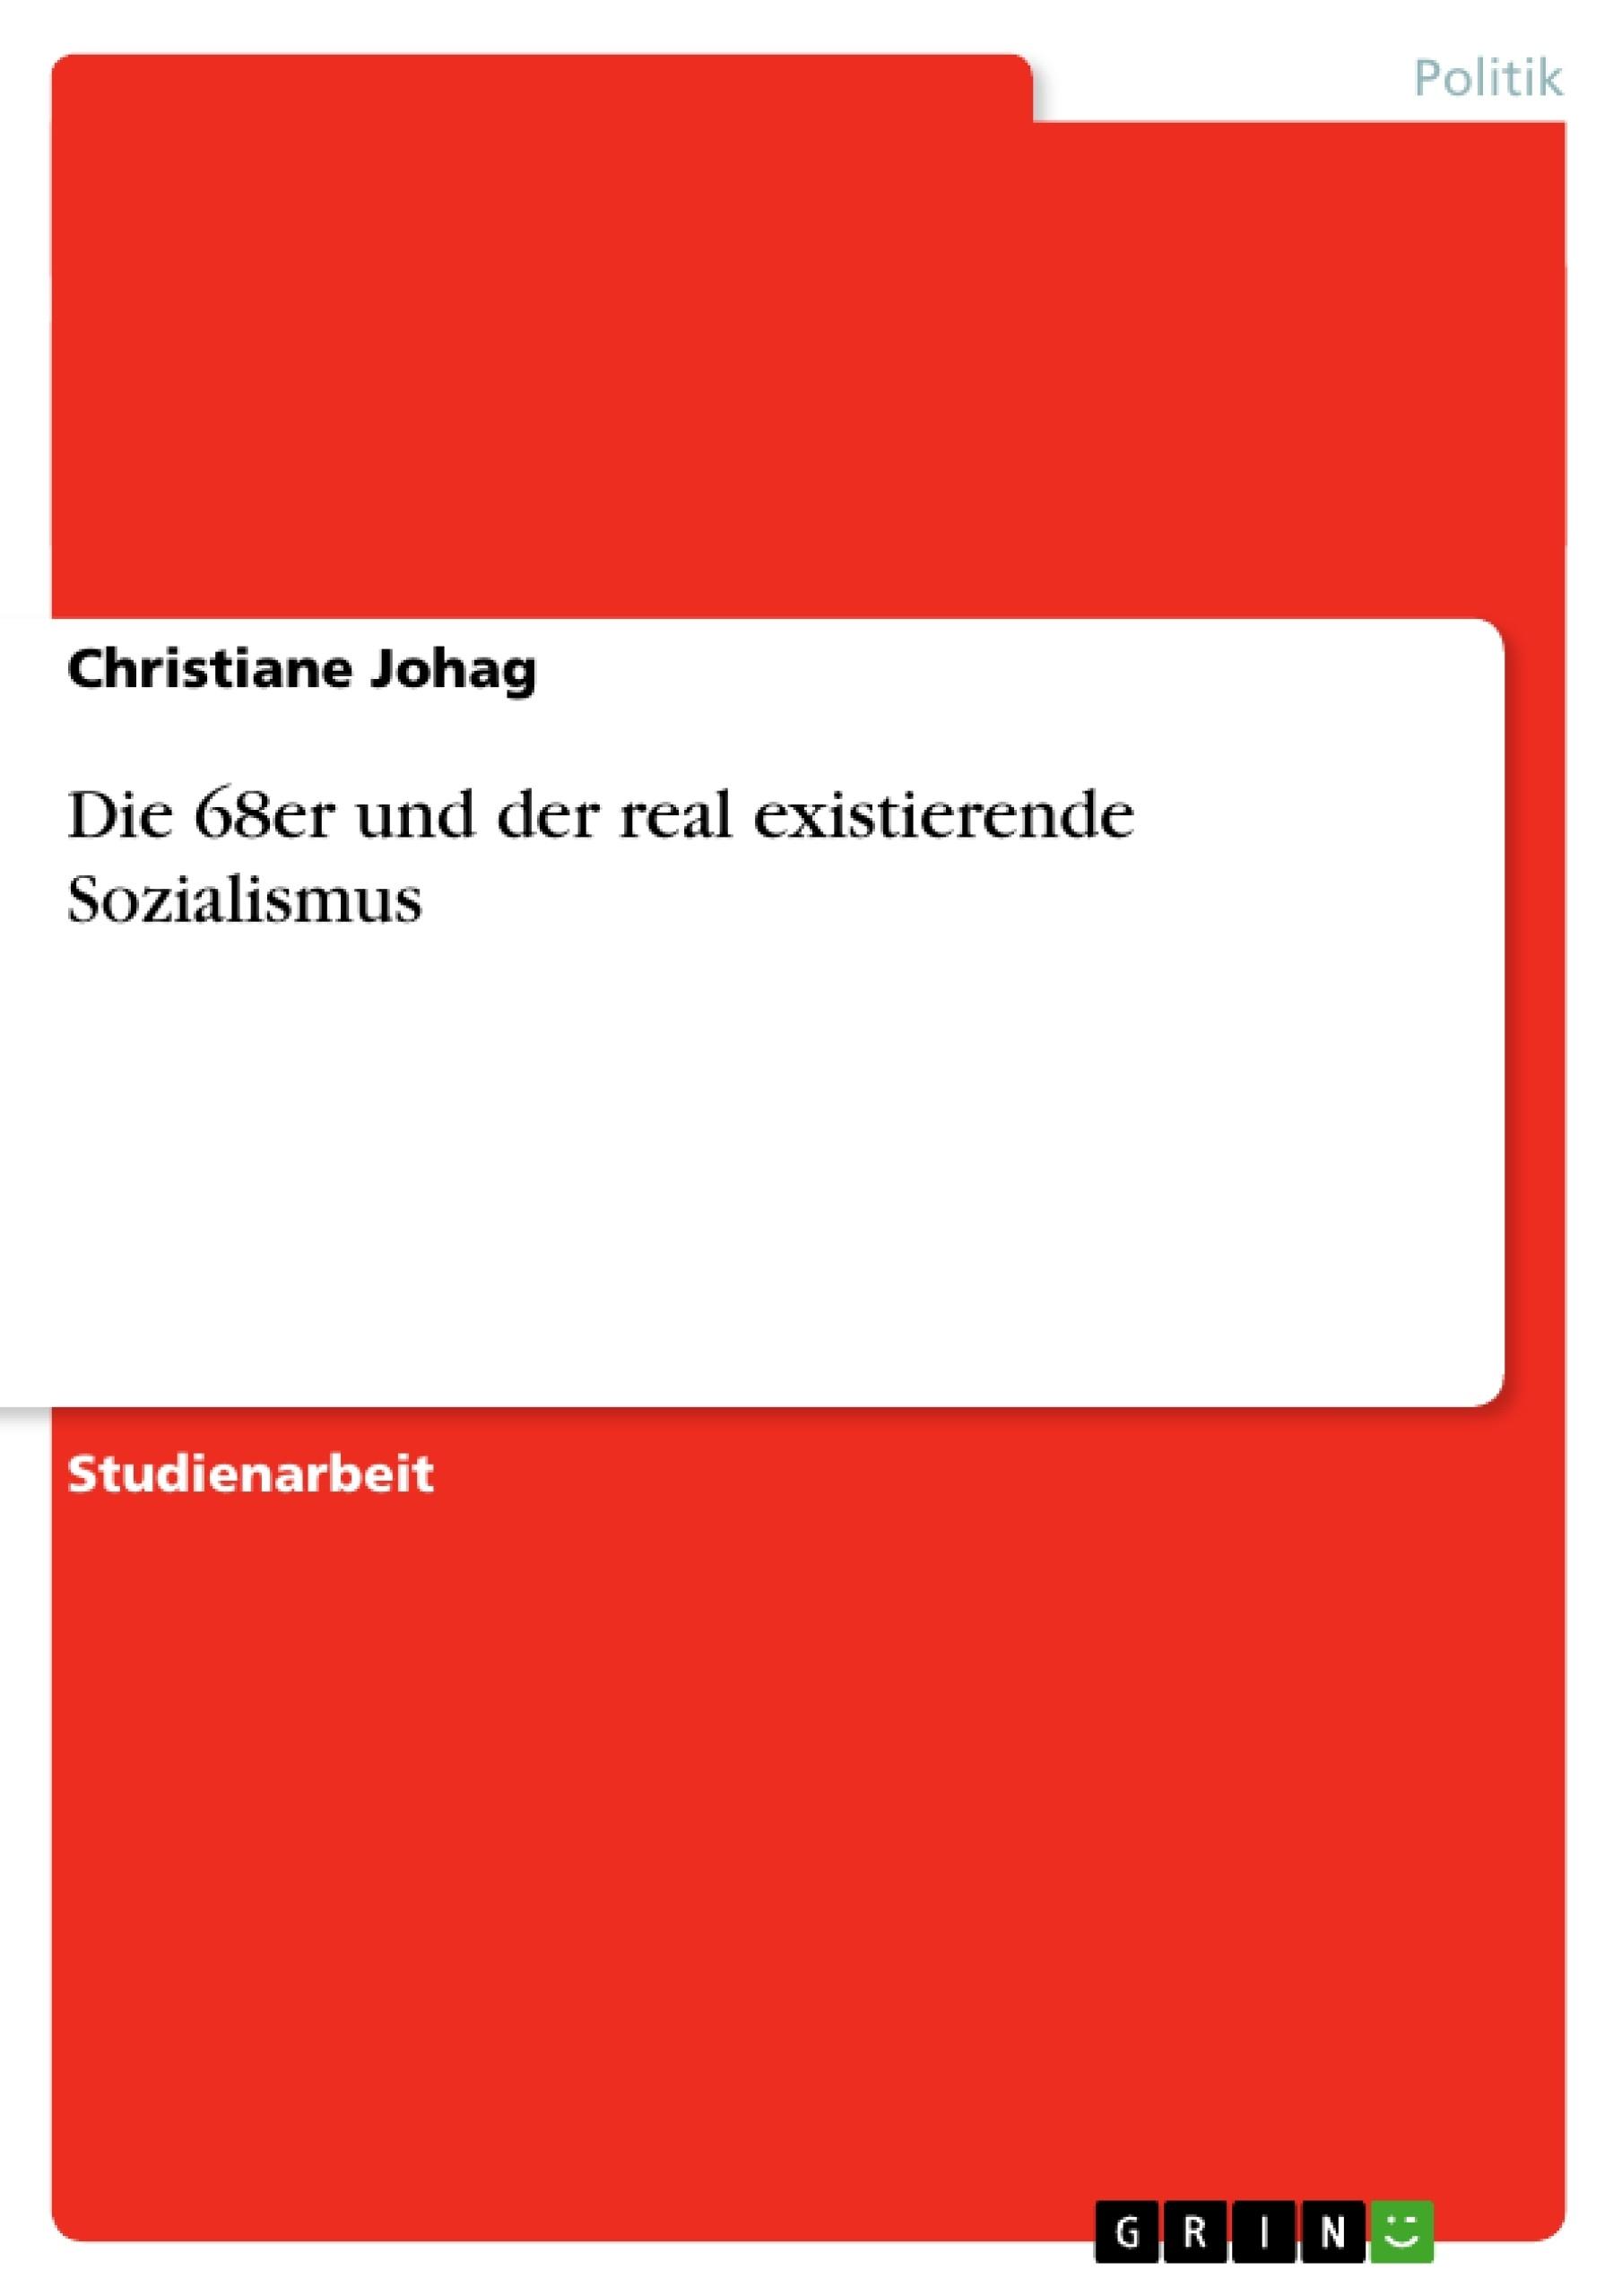 Titel: Die 68er und der real existierende Sozialismus